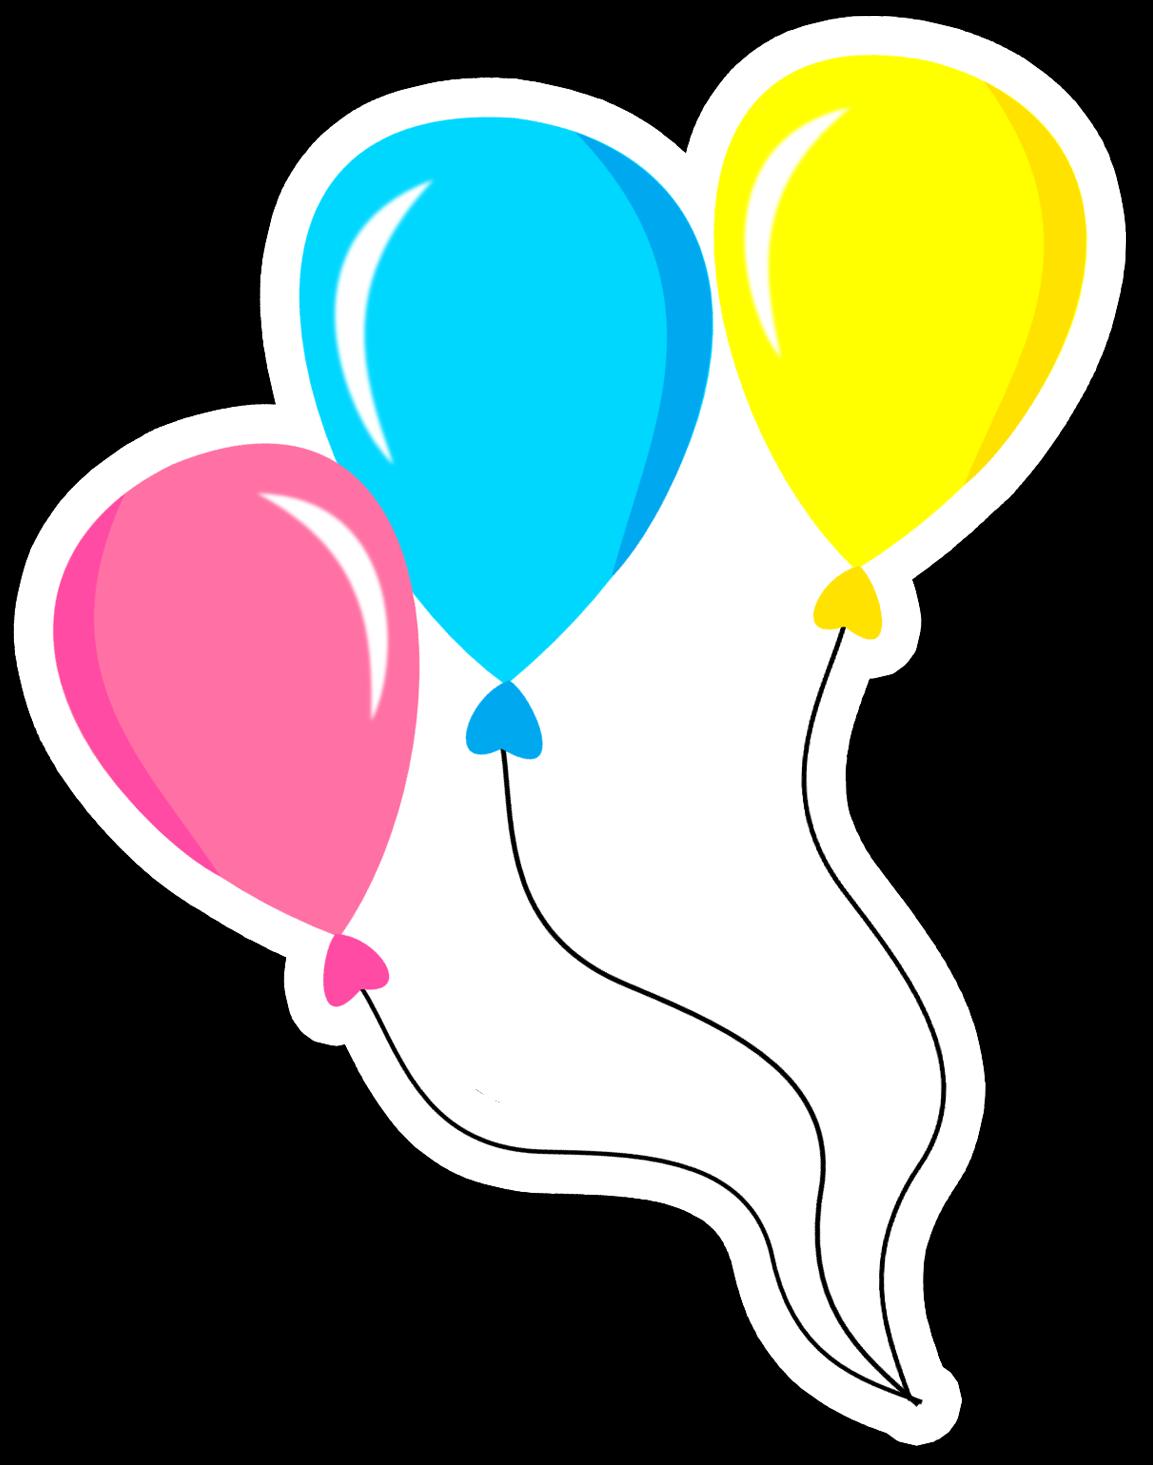 clipart balloons circus #564.